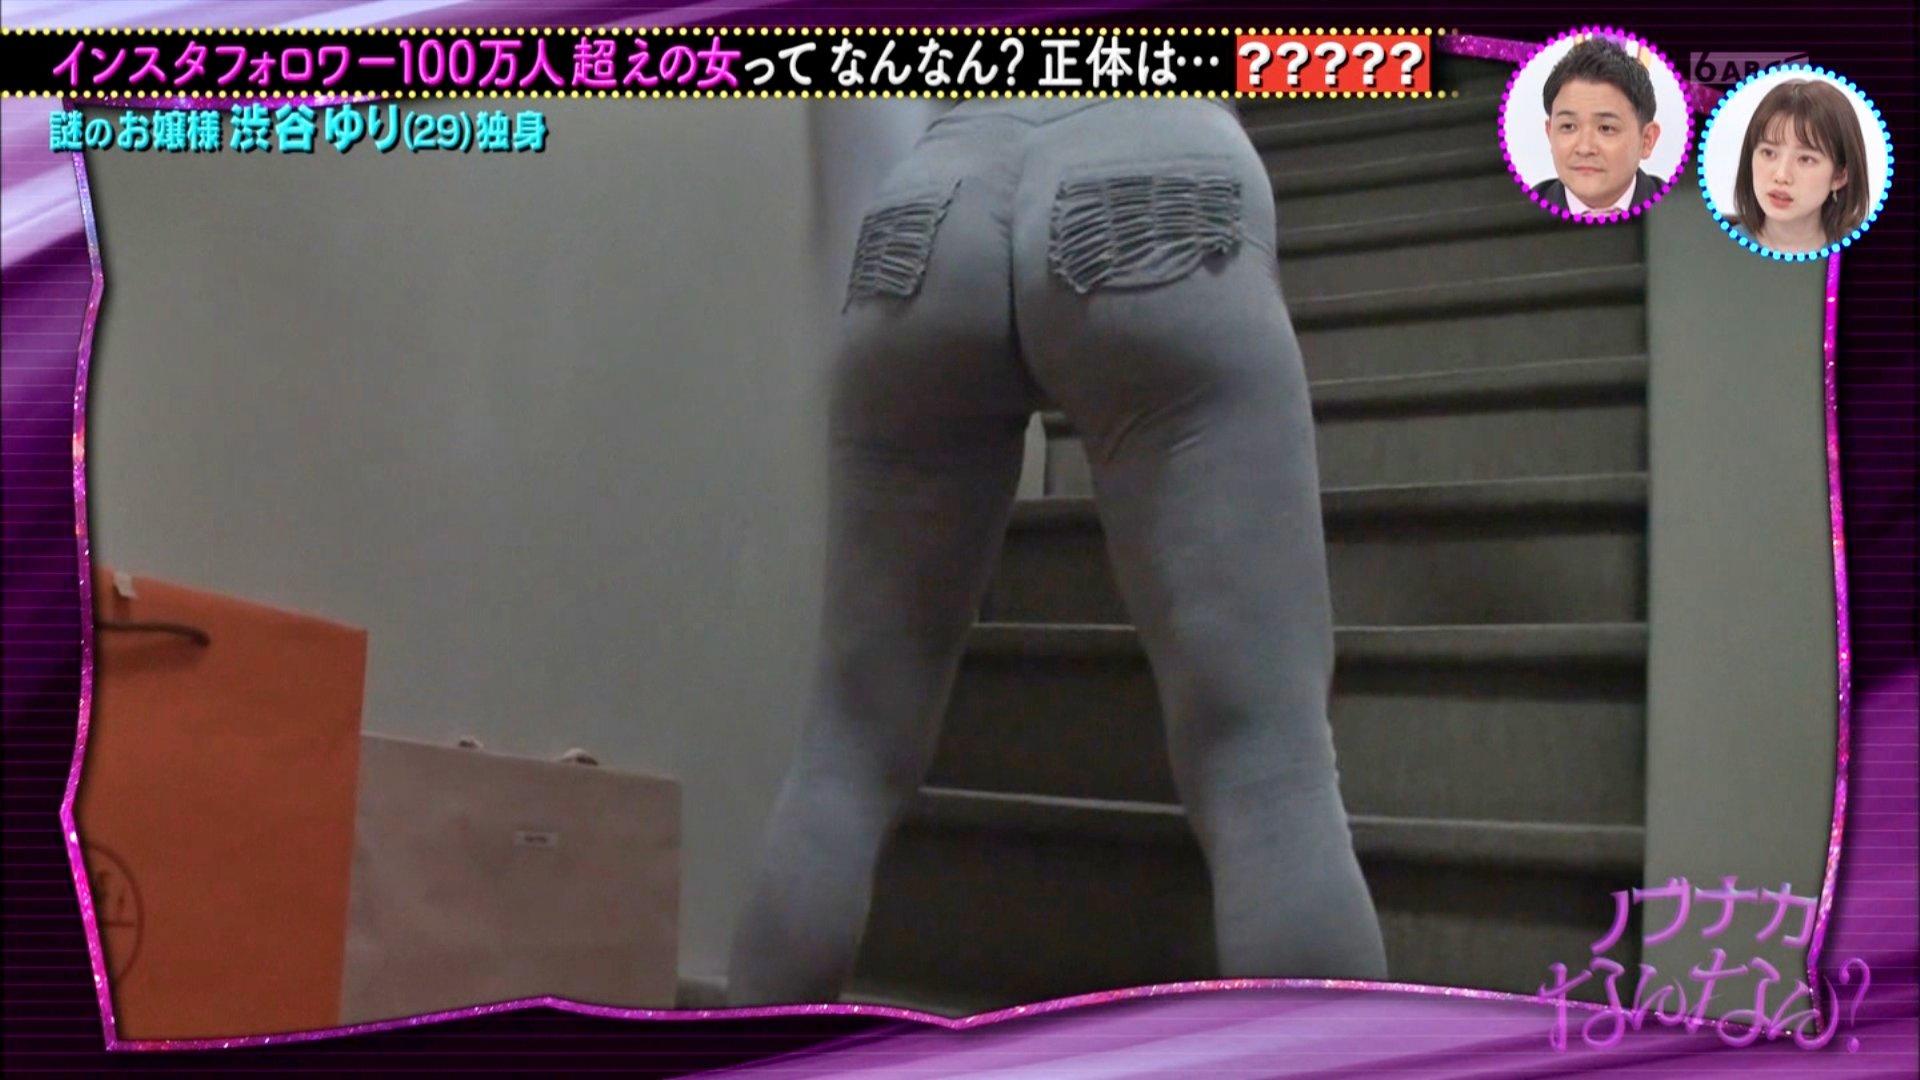 渋谷ゆり_インスタ美女_巨乳_巨尻_ノブナカなんなん?_0